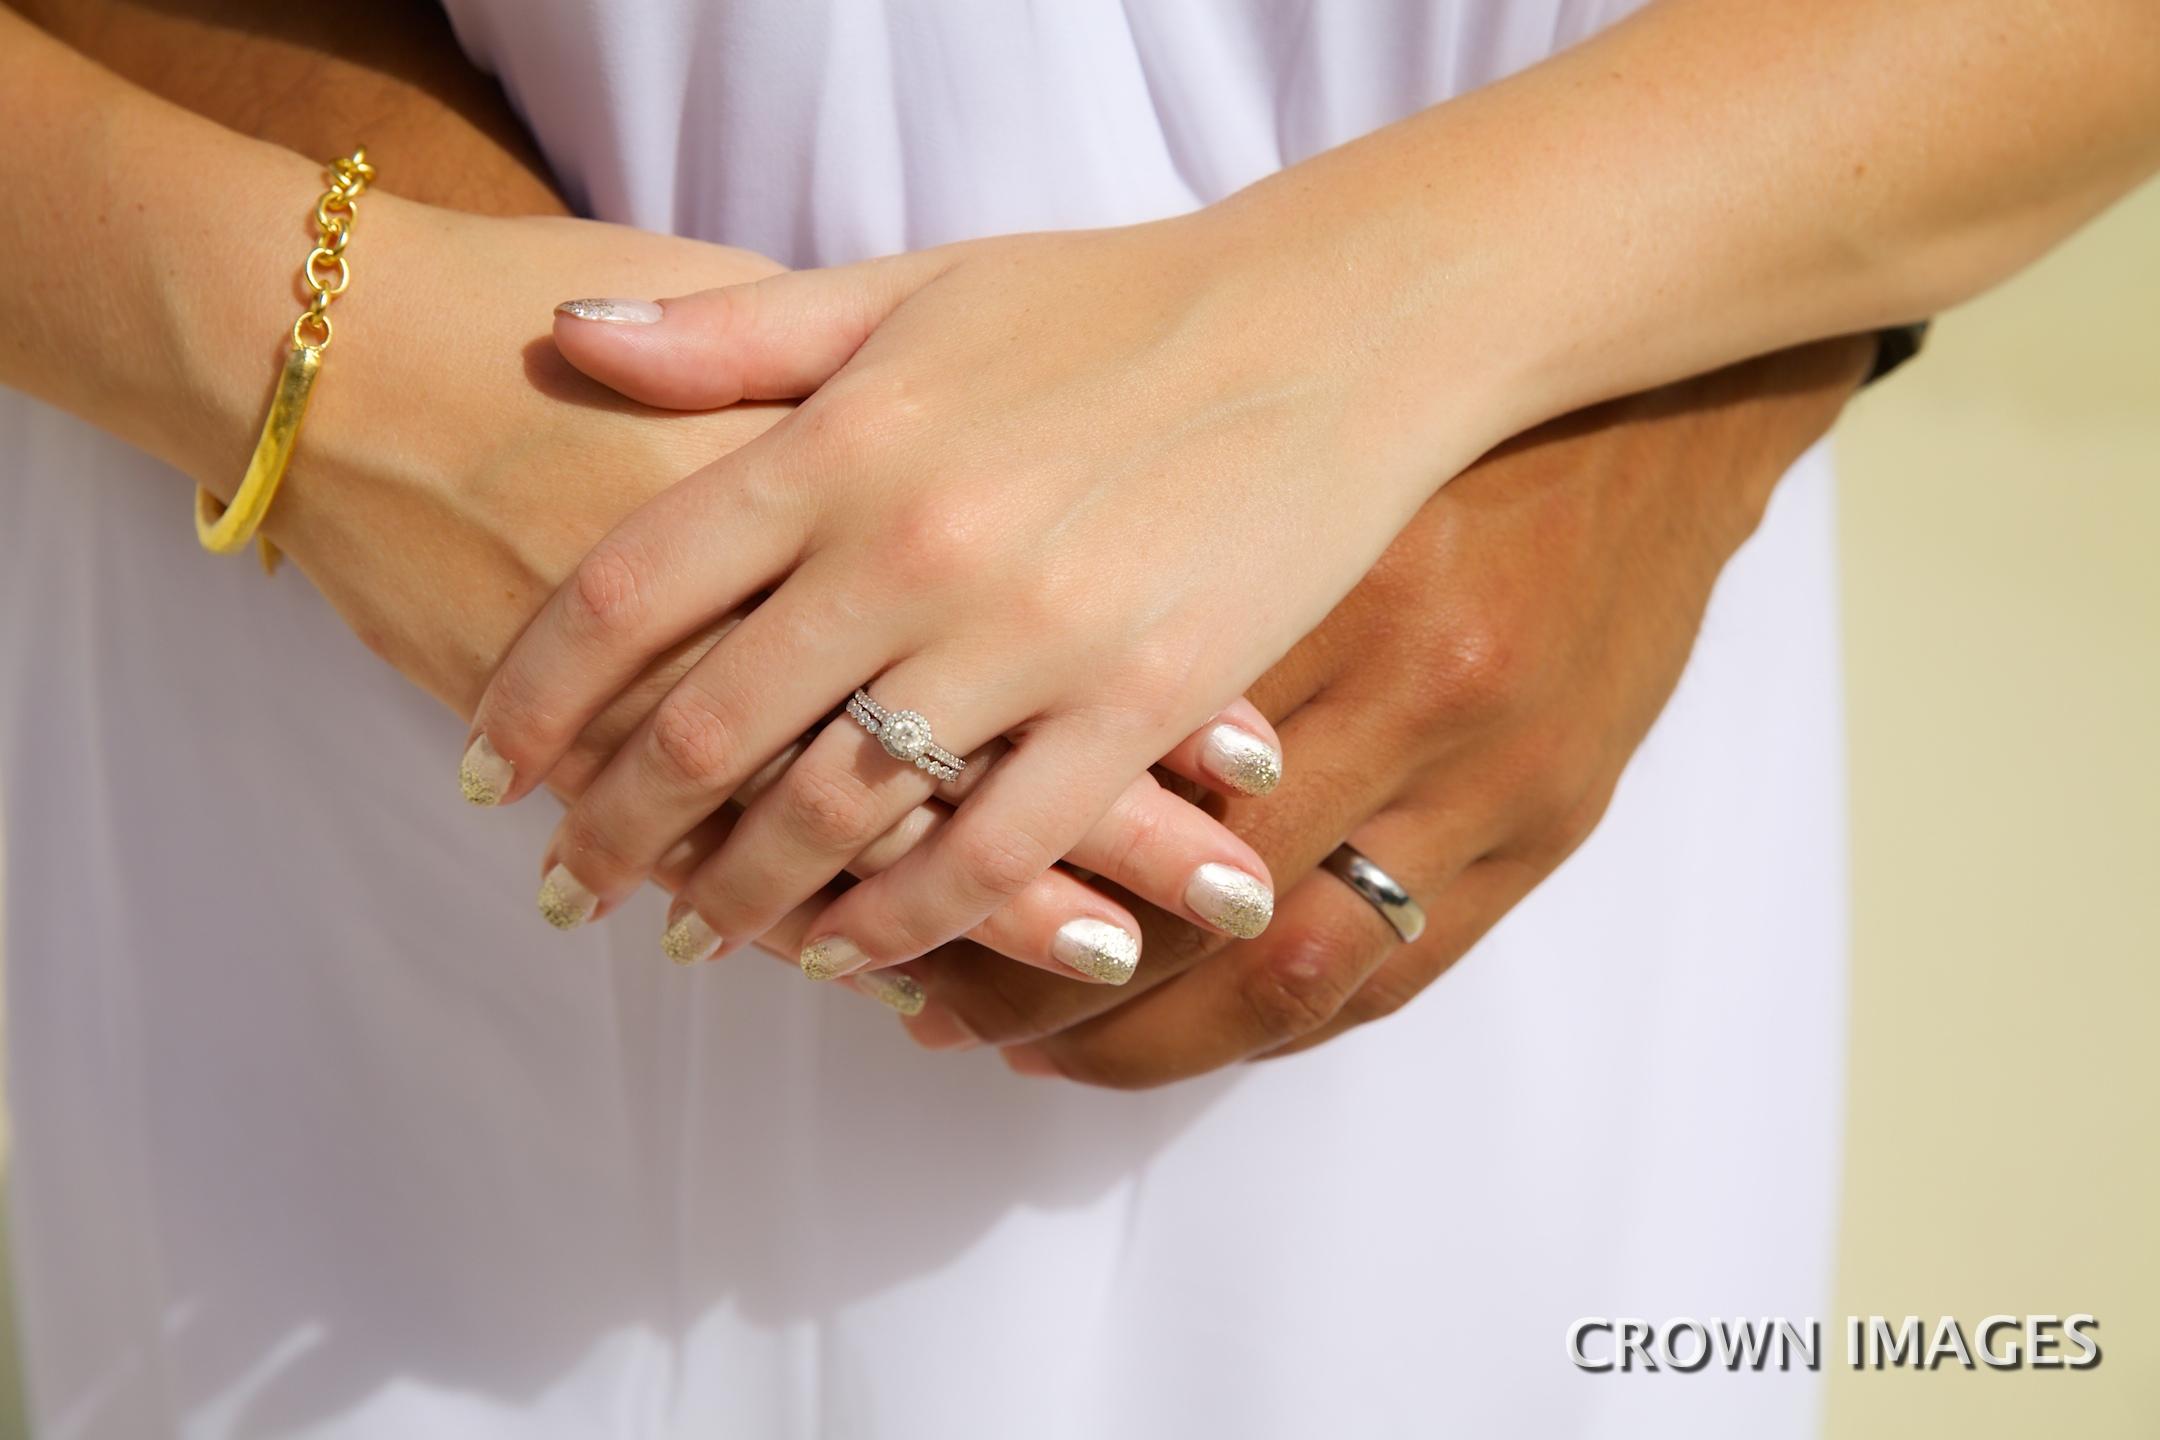 crown images sage hammond